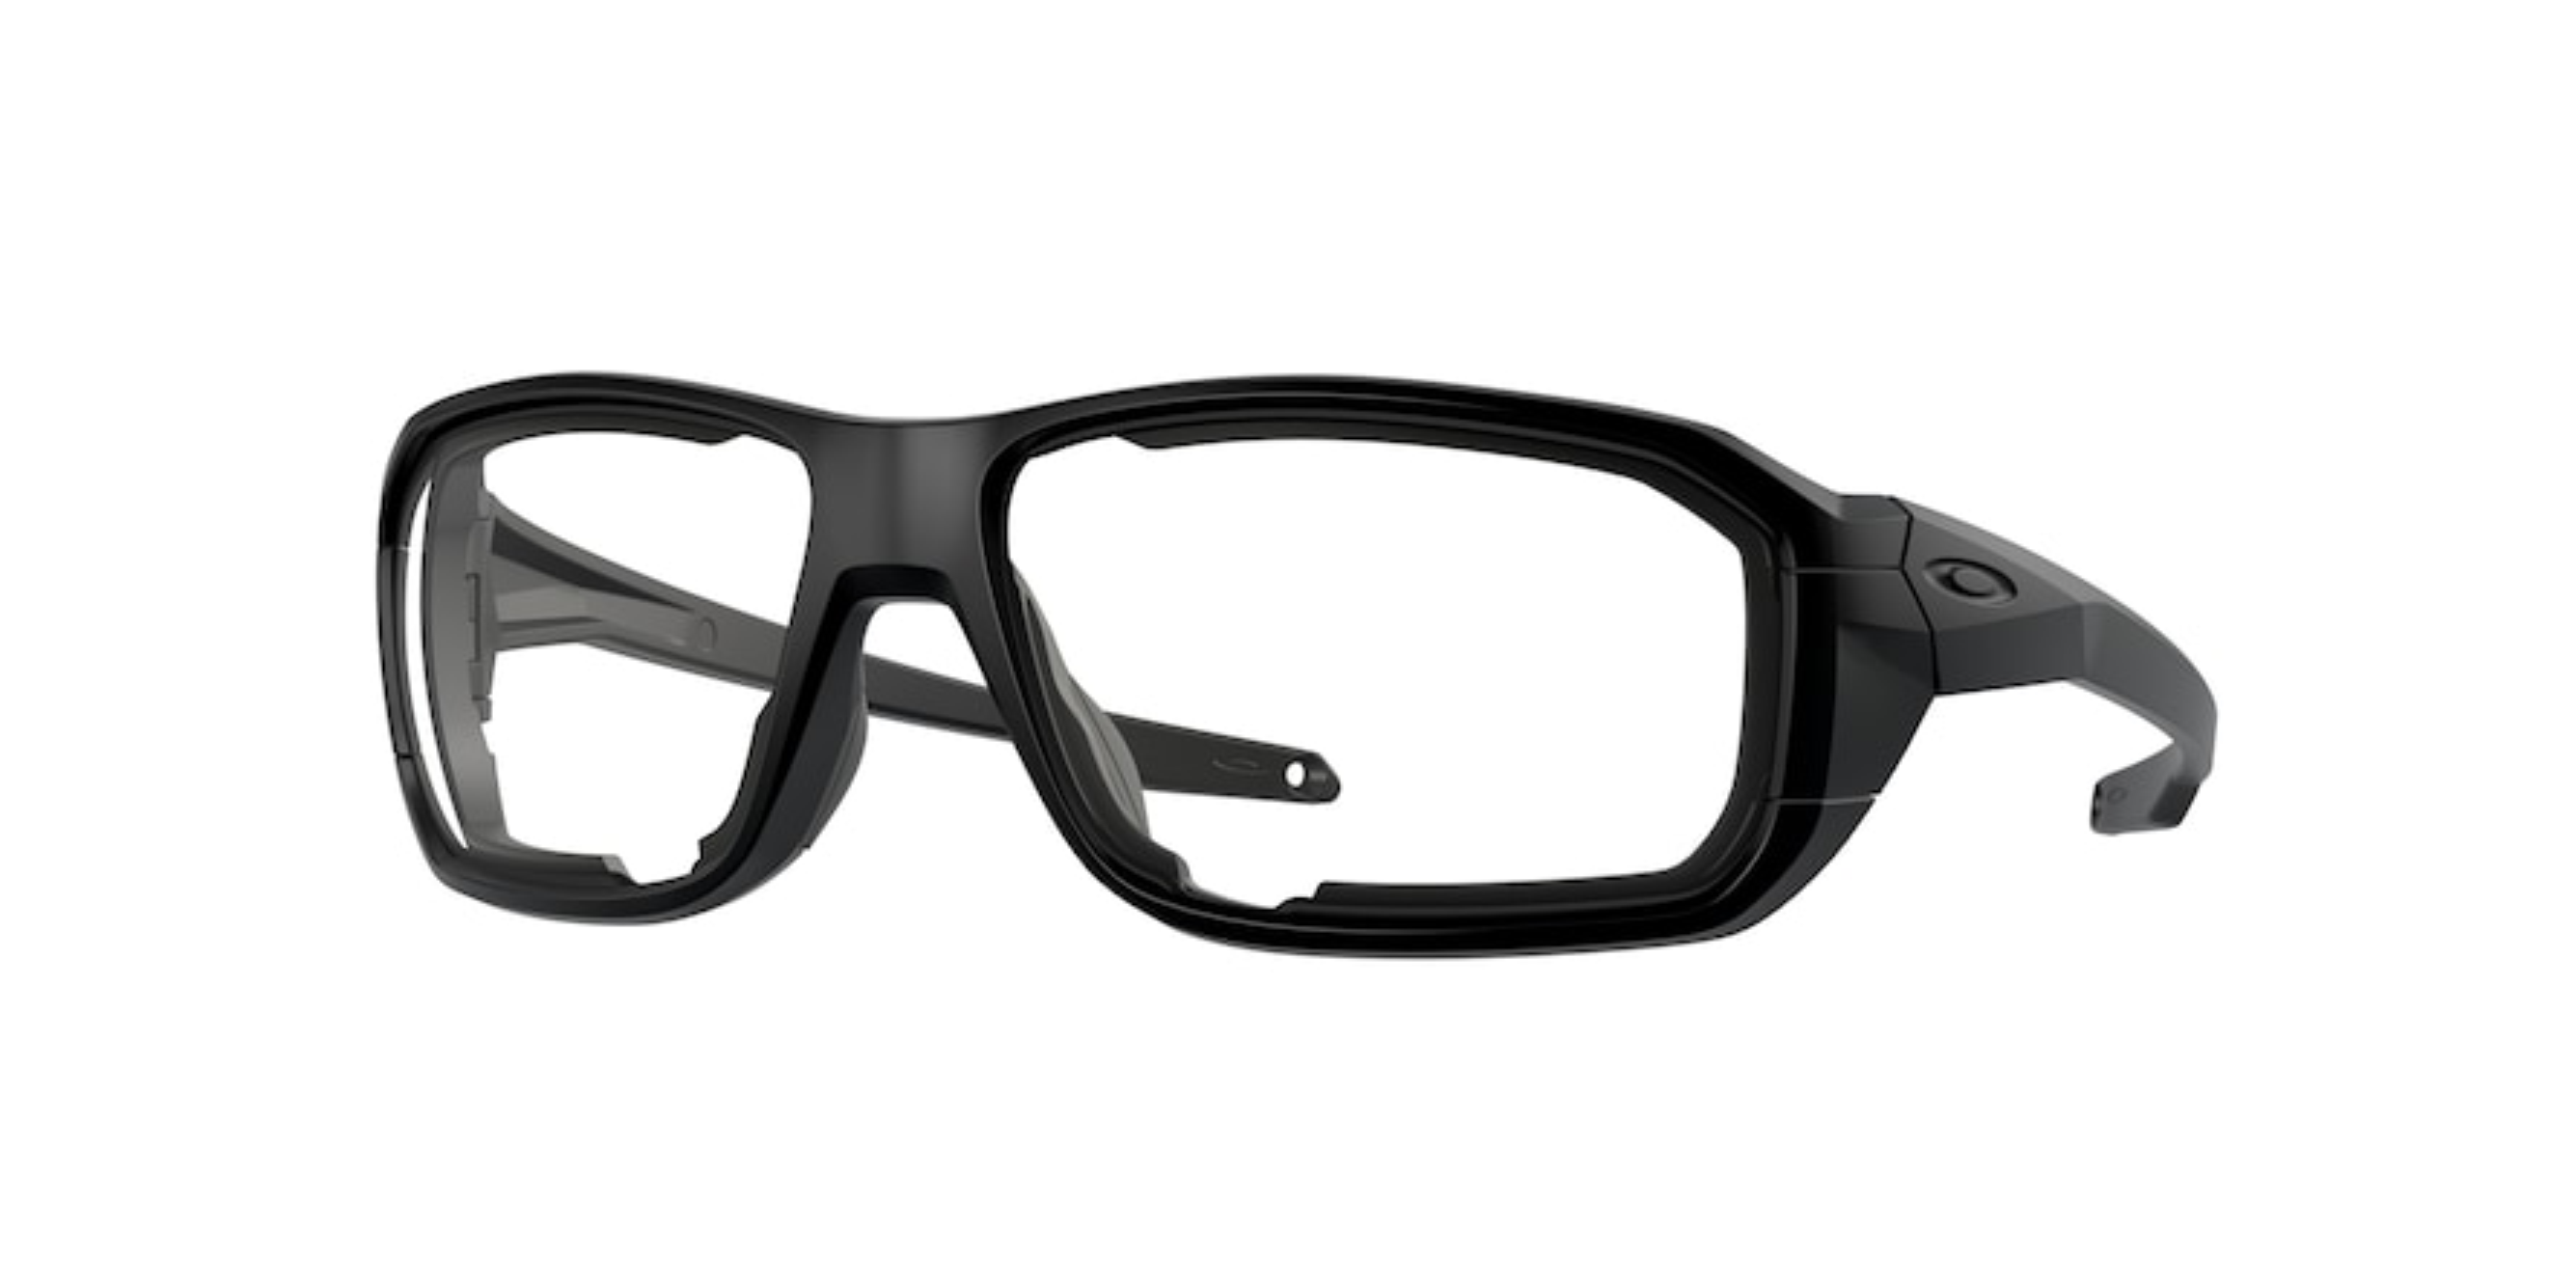 Oakley OO9452